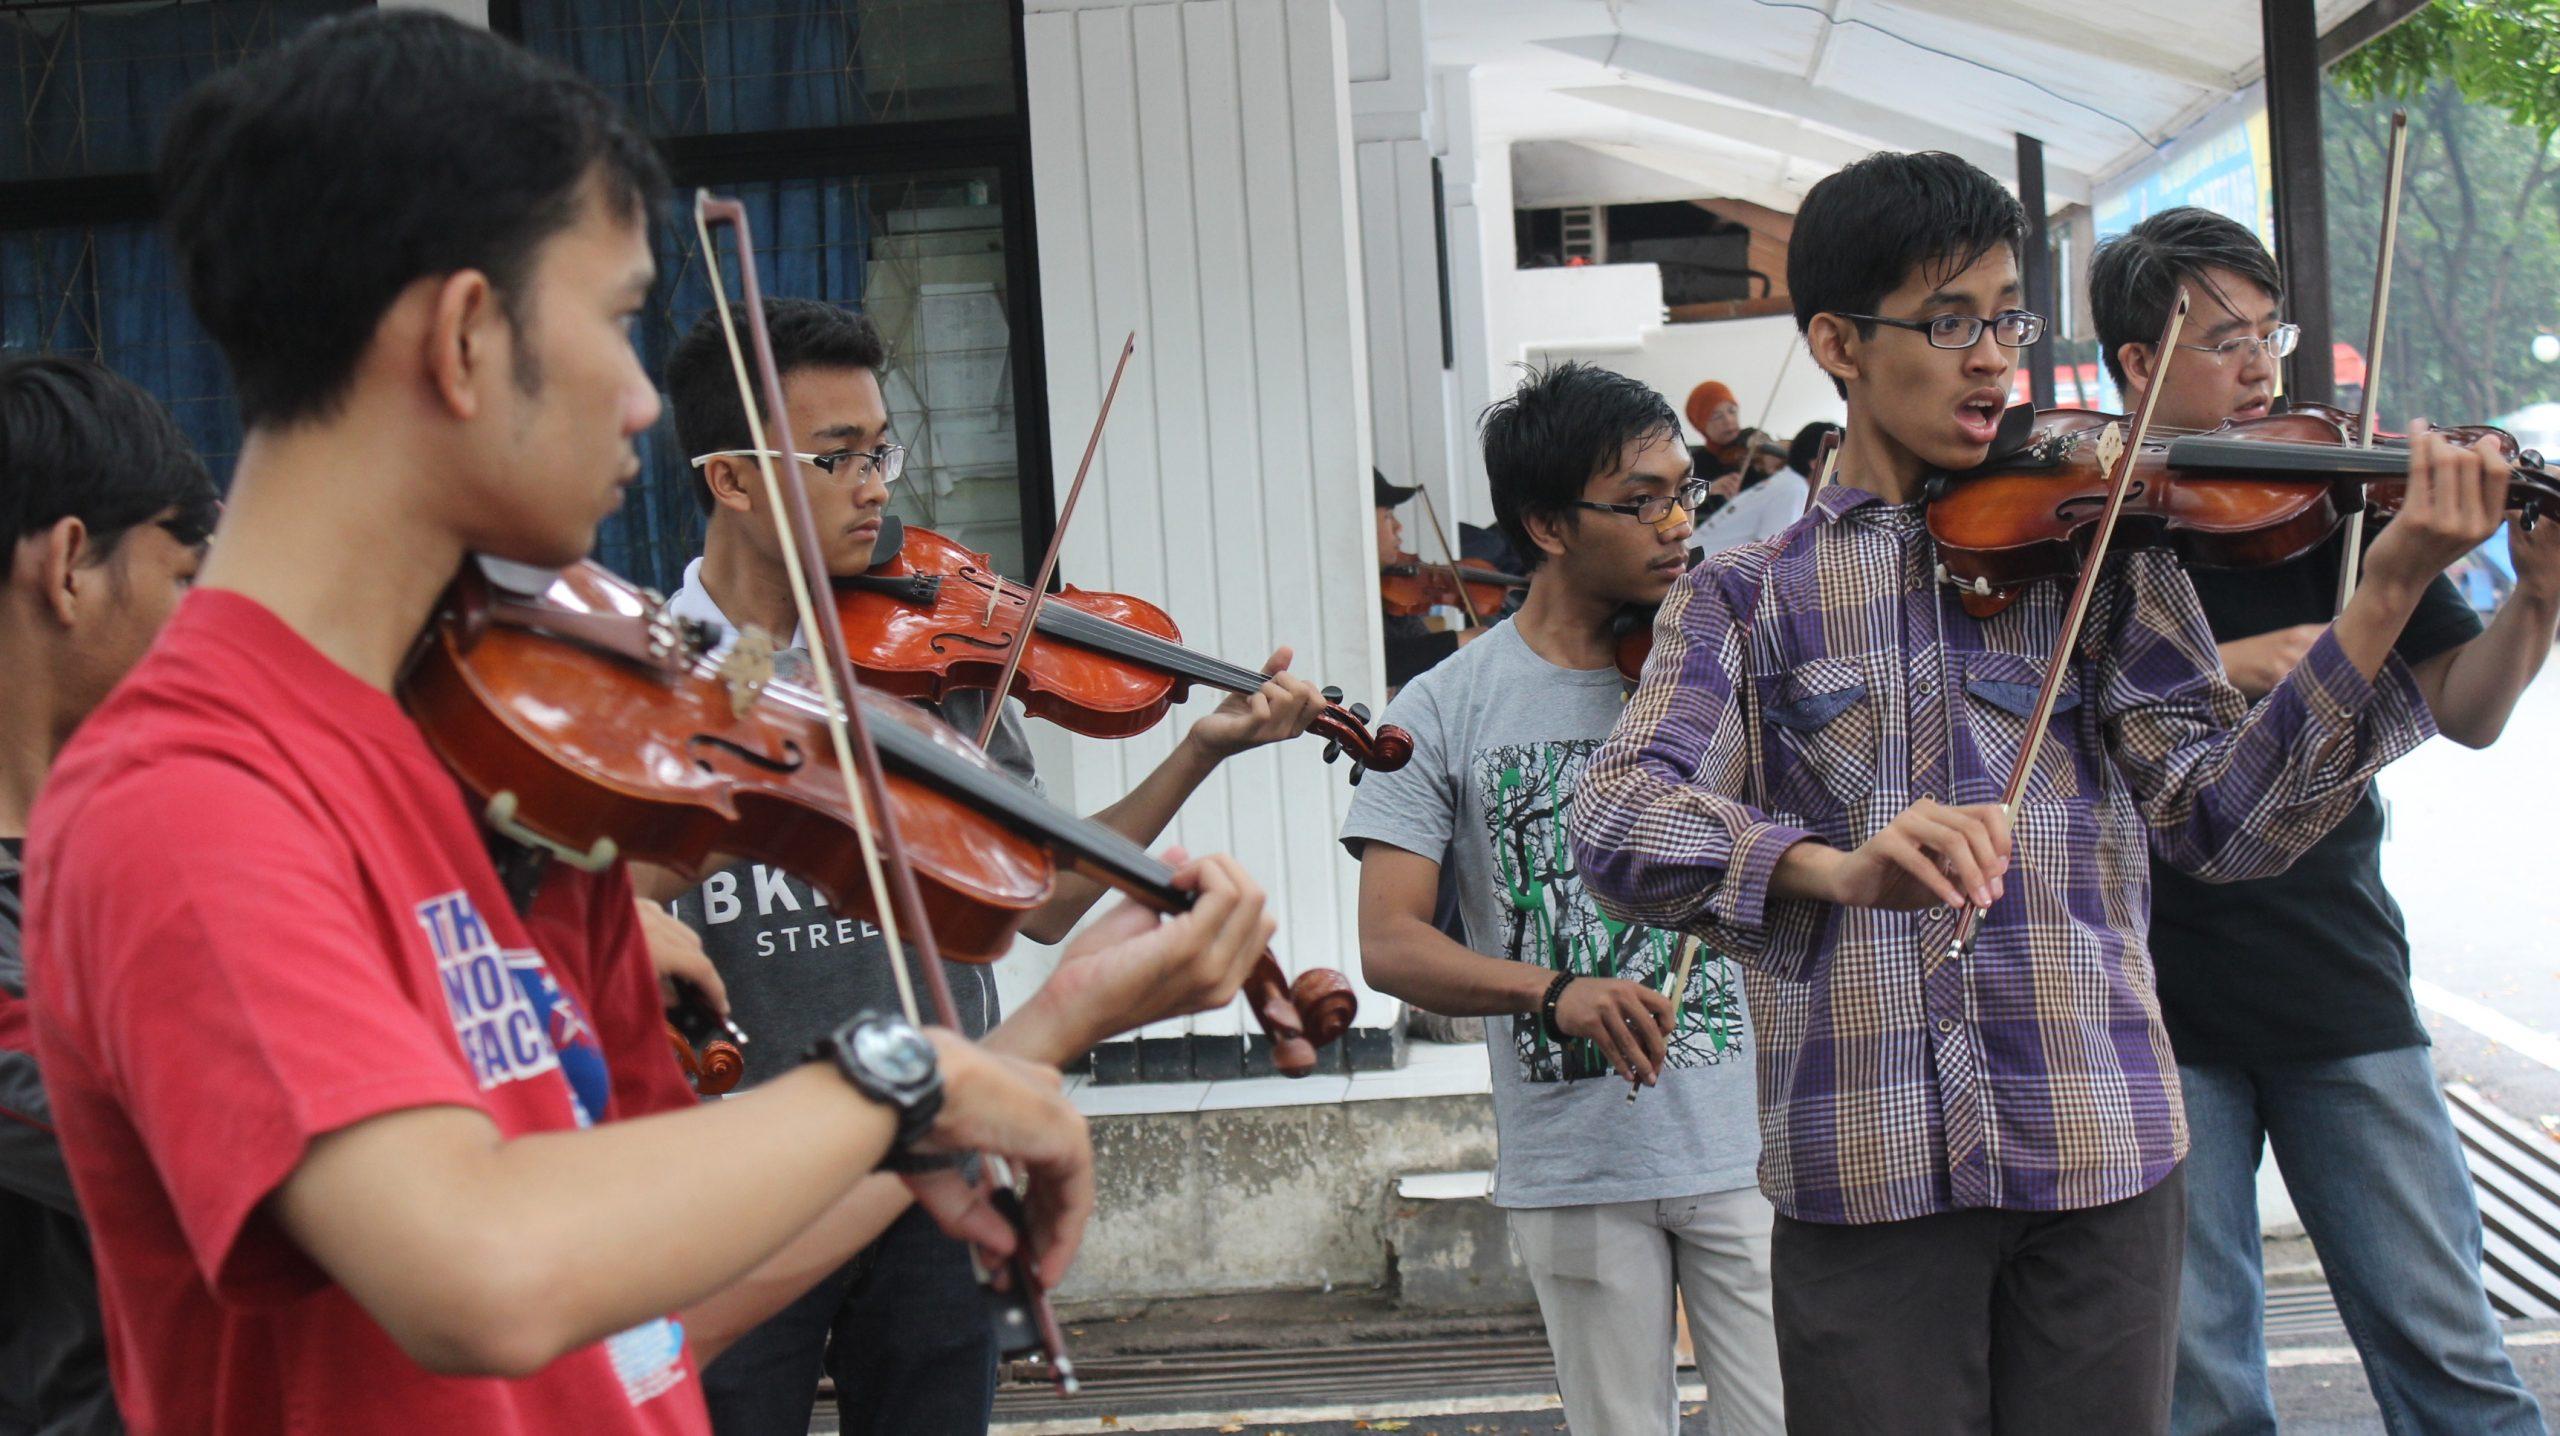 sejumlah Anggota AVC Bandung sedang berlatih bersama bermain Biola di areal Taman Balai Kota, Bandung, minggu (21/2/16).